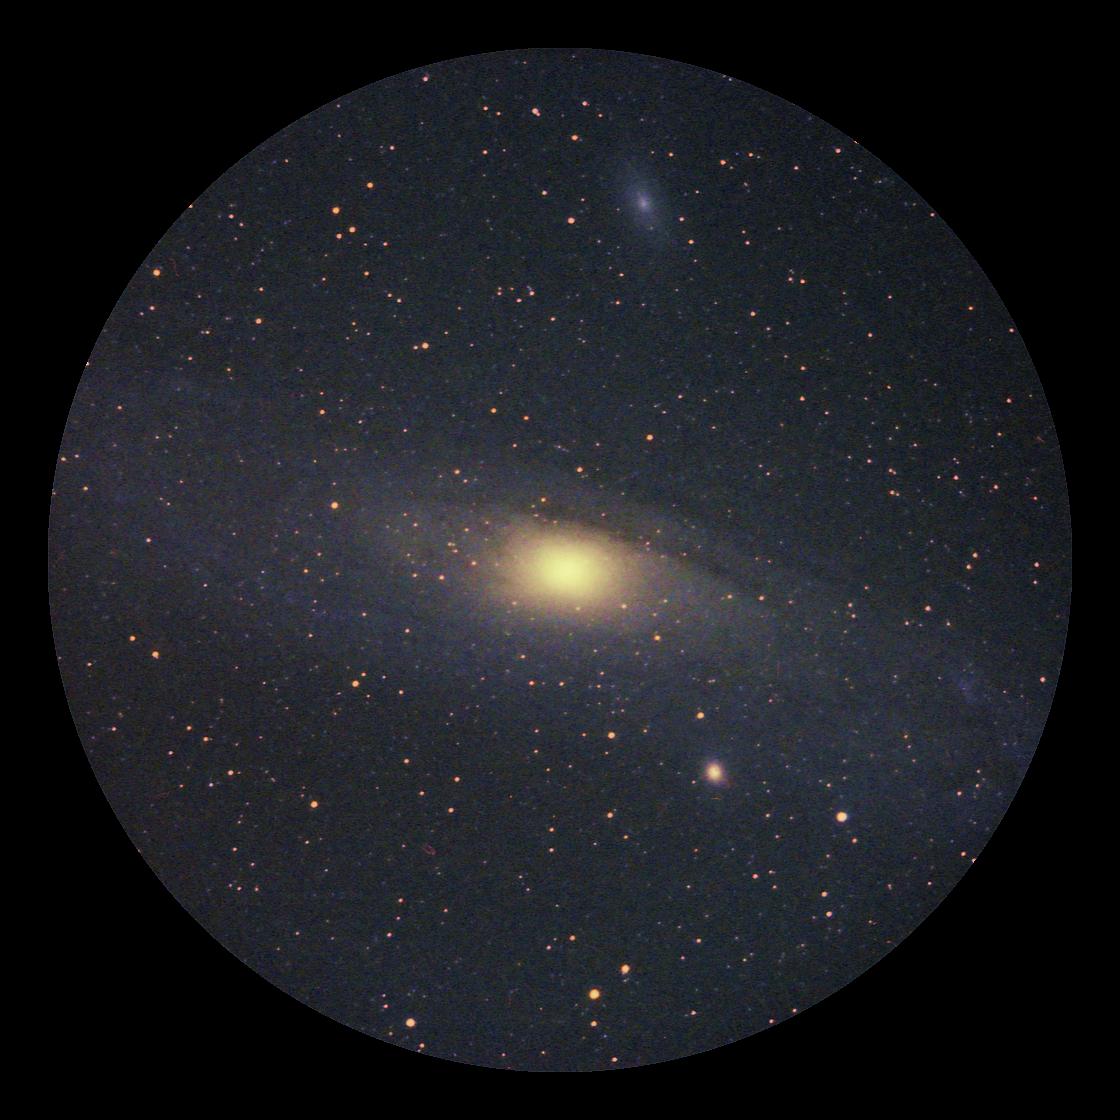 M31_oc2a.png.b210ee6909c11c80dbd7e7215c464b33.png